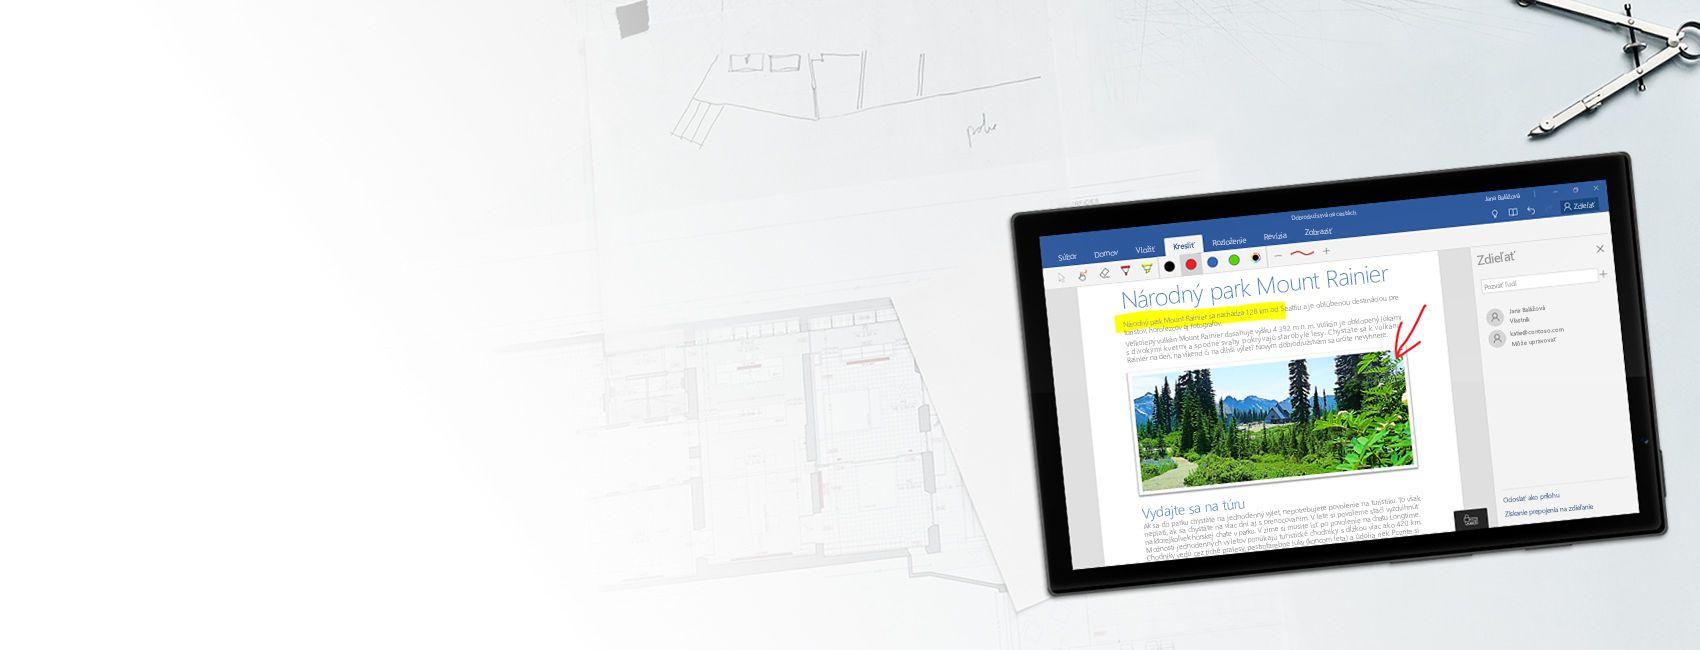 Tablet sWindowsom zobrazujúci wordový dokument onárodnom parku Mount Rainier vo Worde pre Windows 10 Mobile